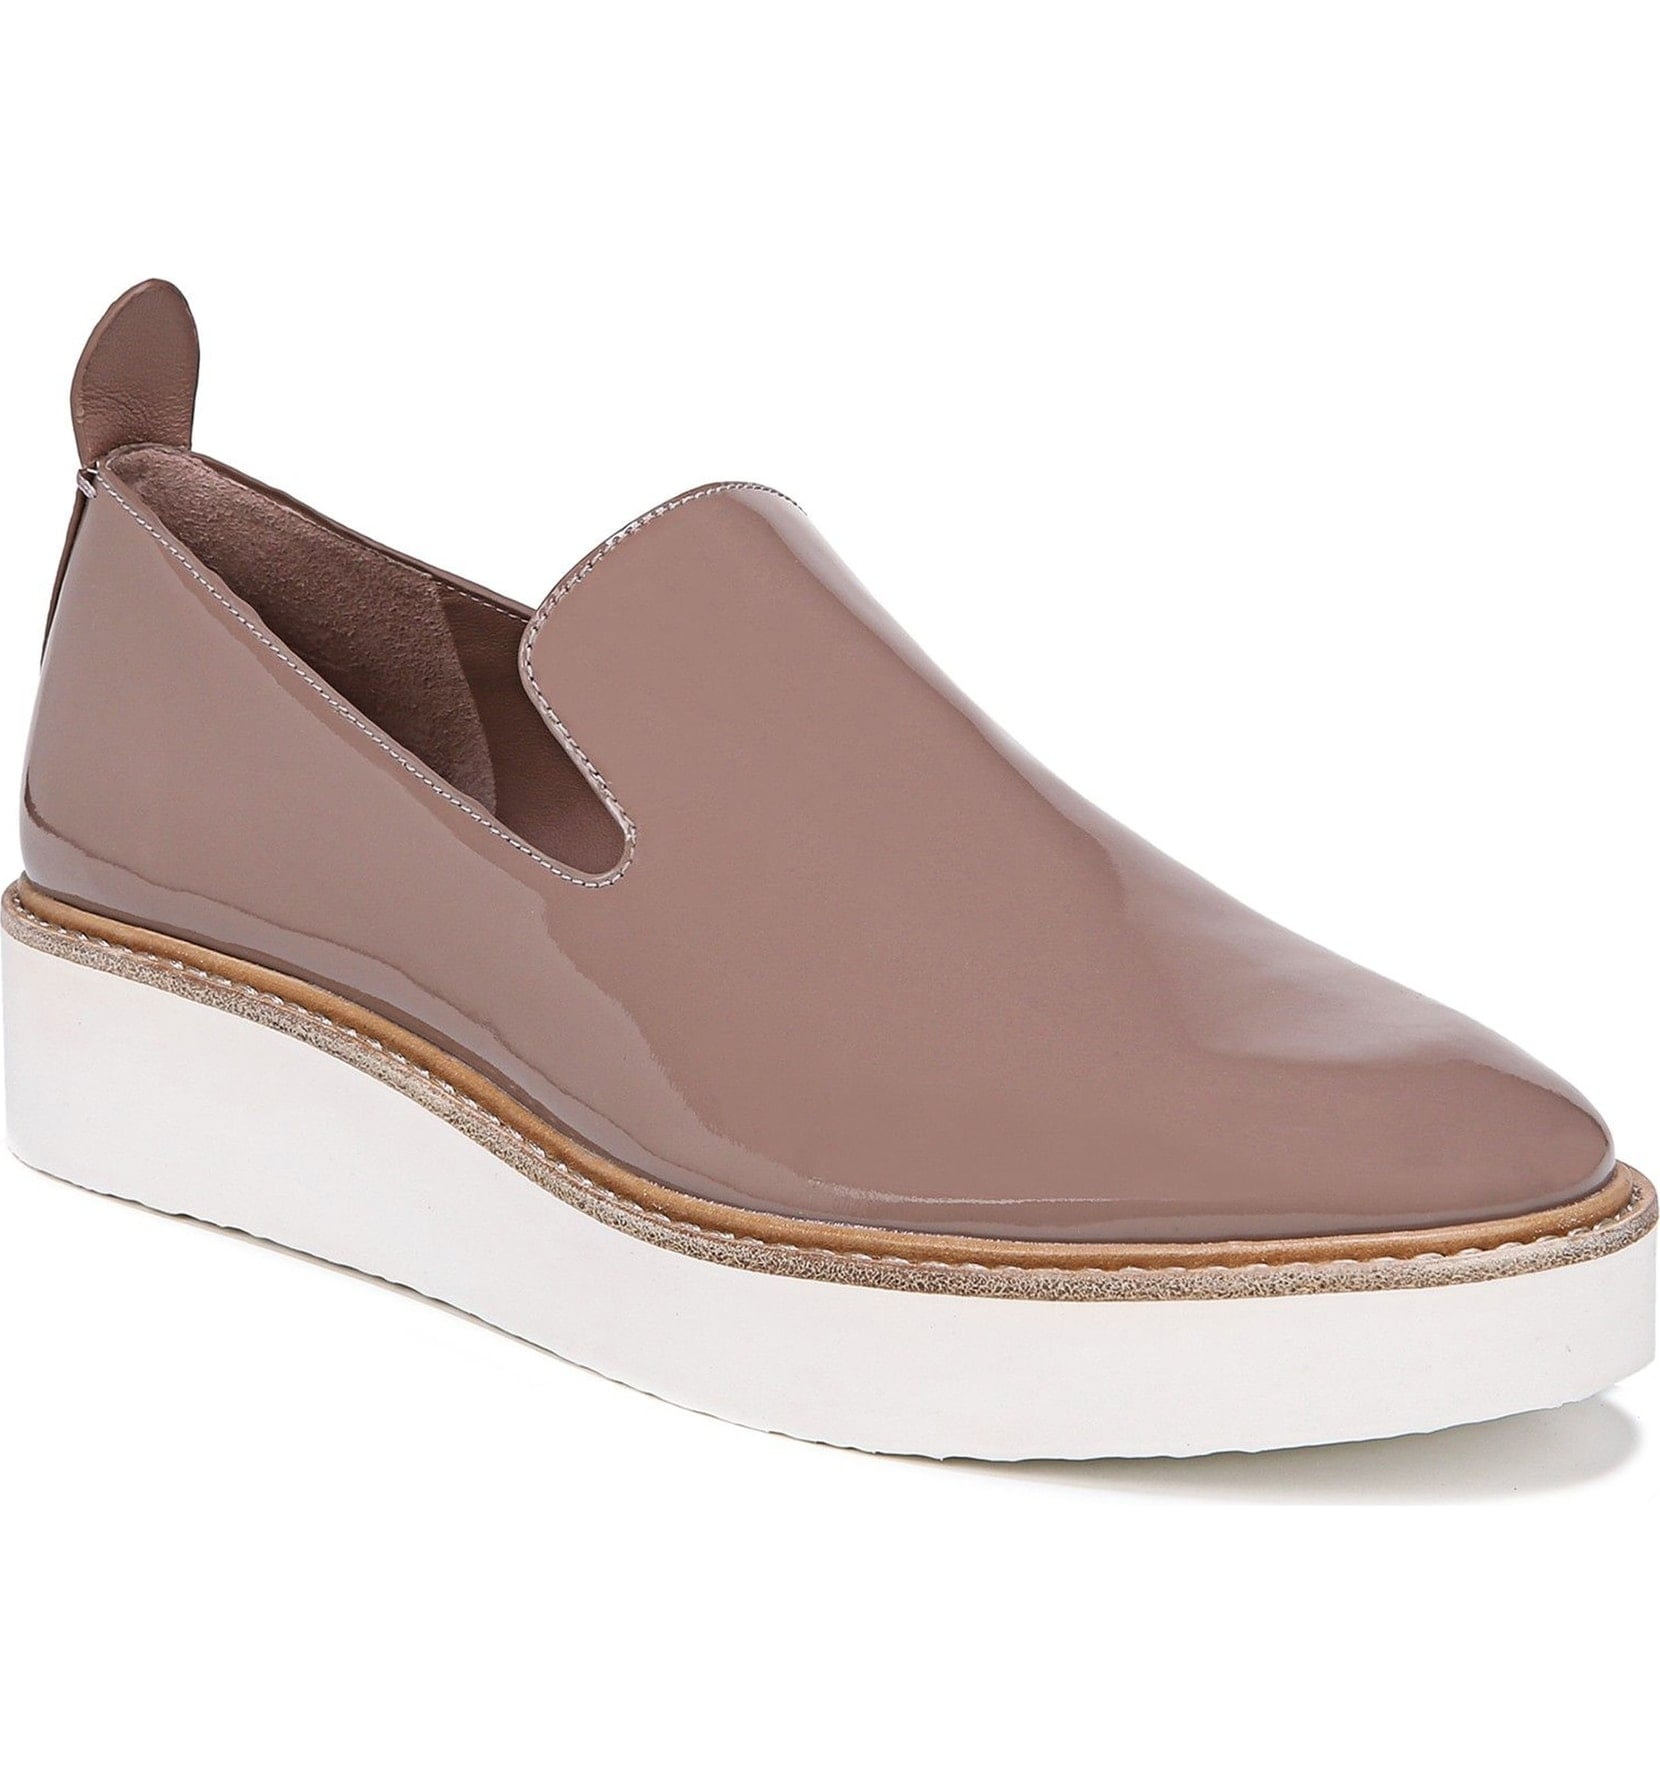 Vince Sanders Slip-On Sneakers | Is